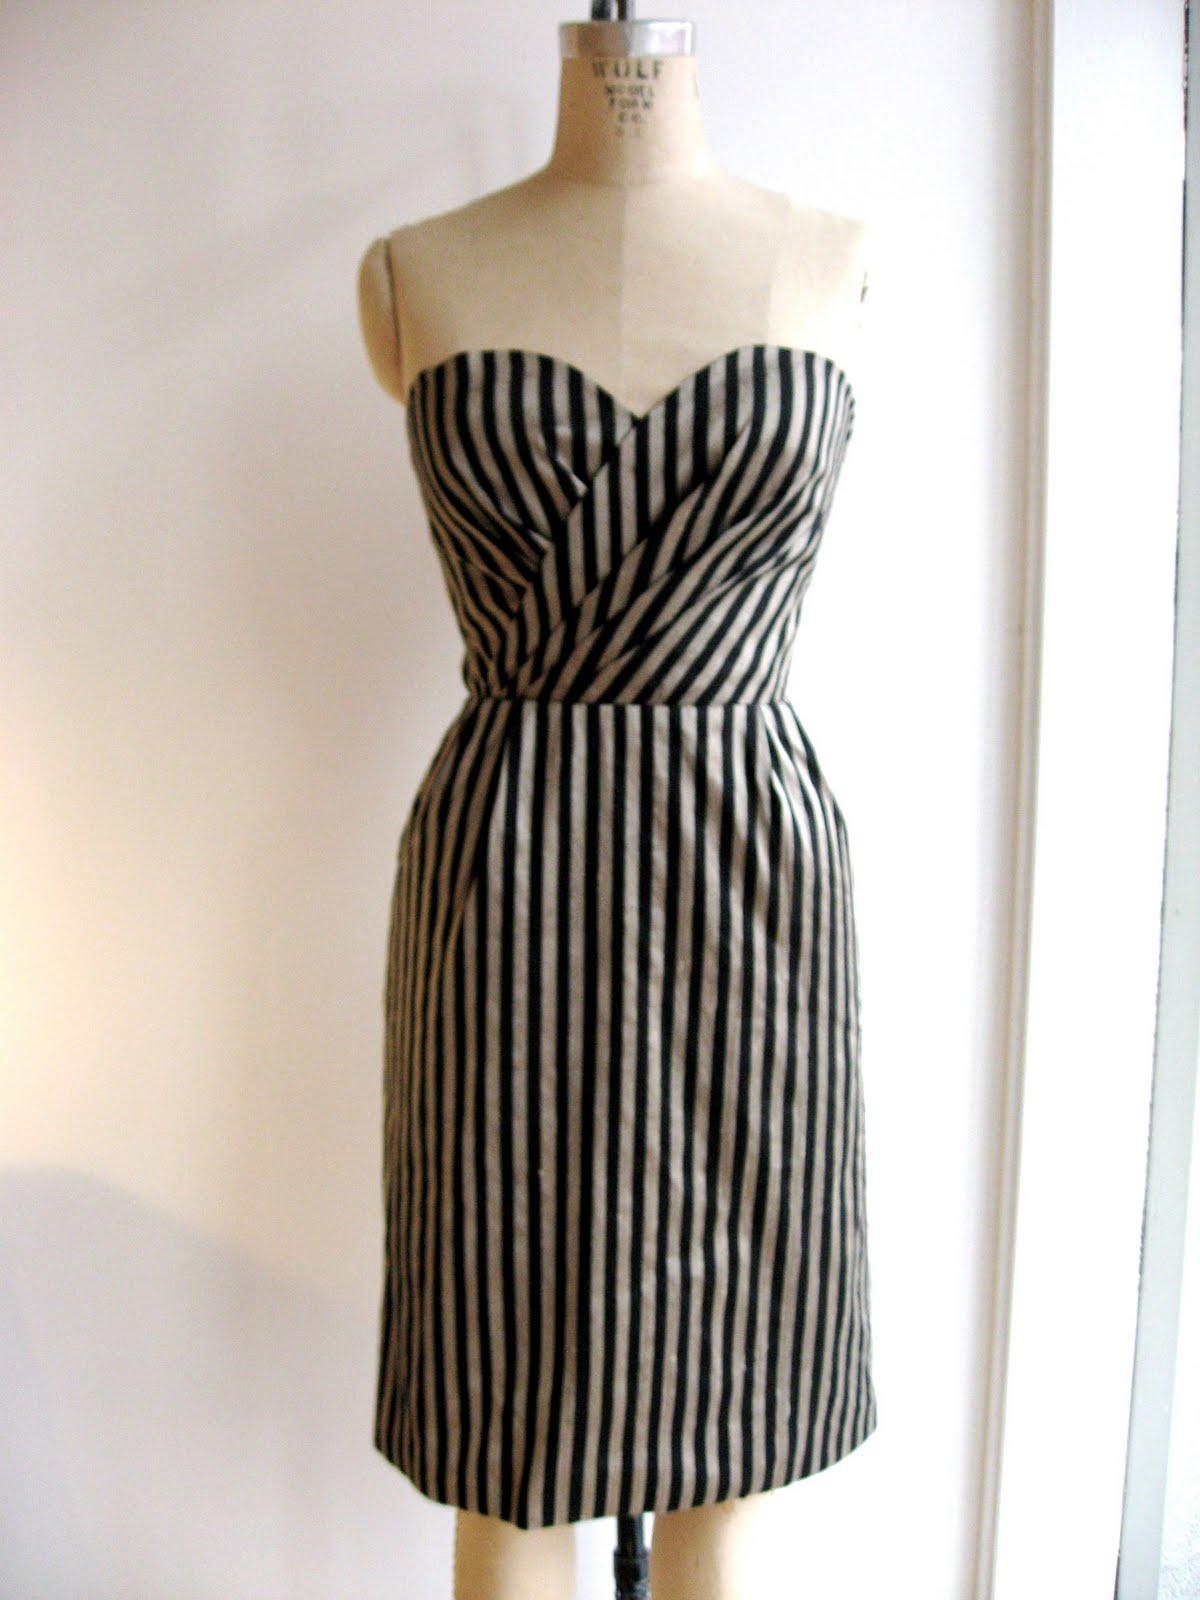 Zebra Striped Wedding Dress Designs Pictures Wedding